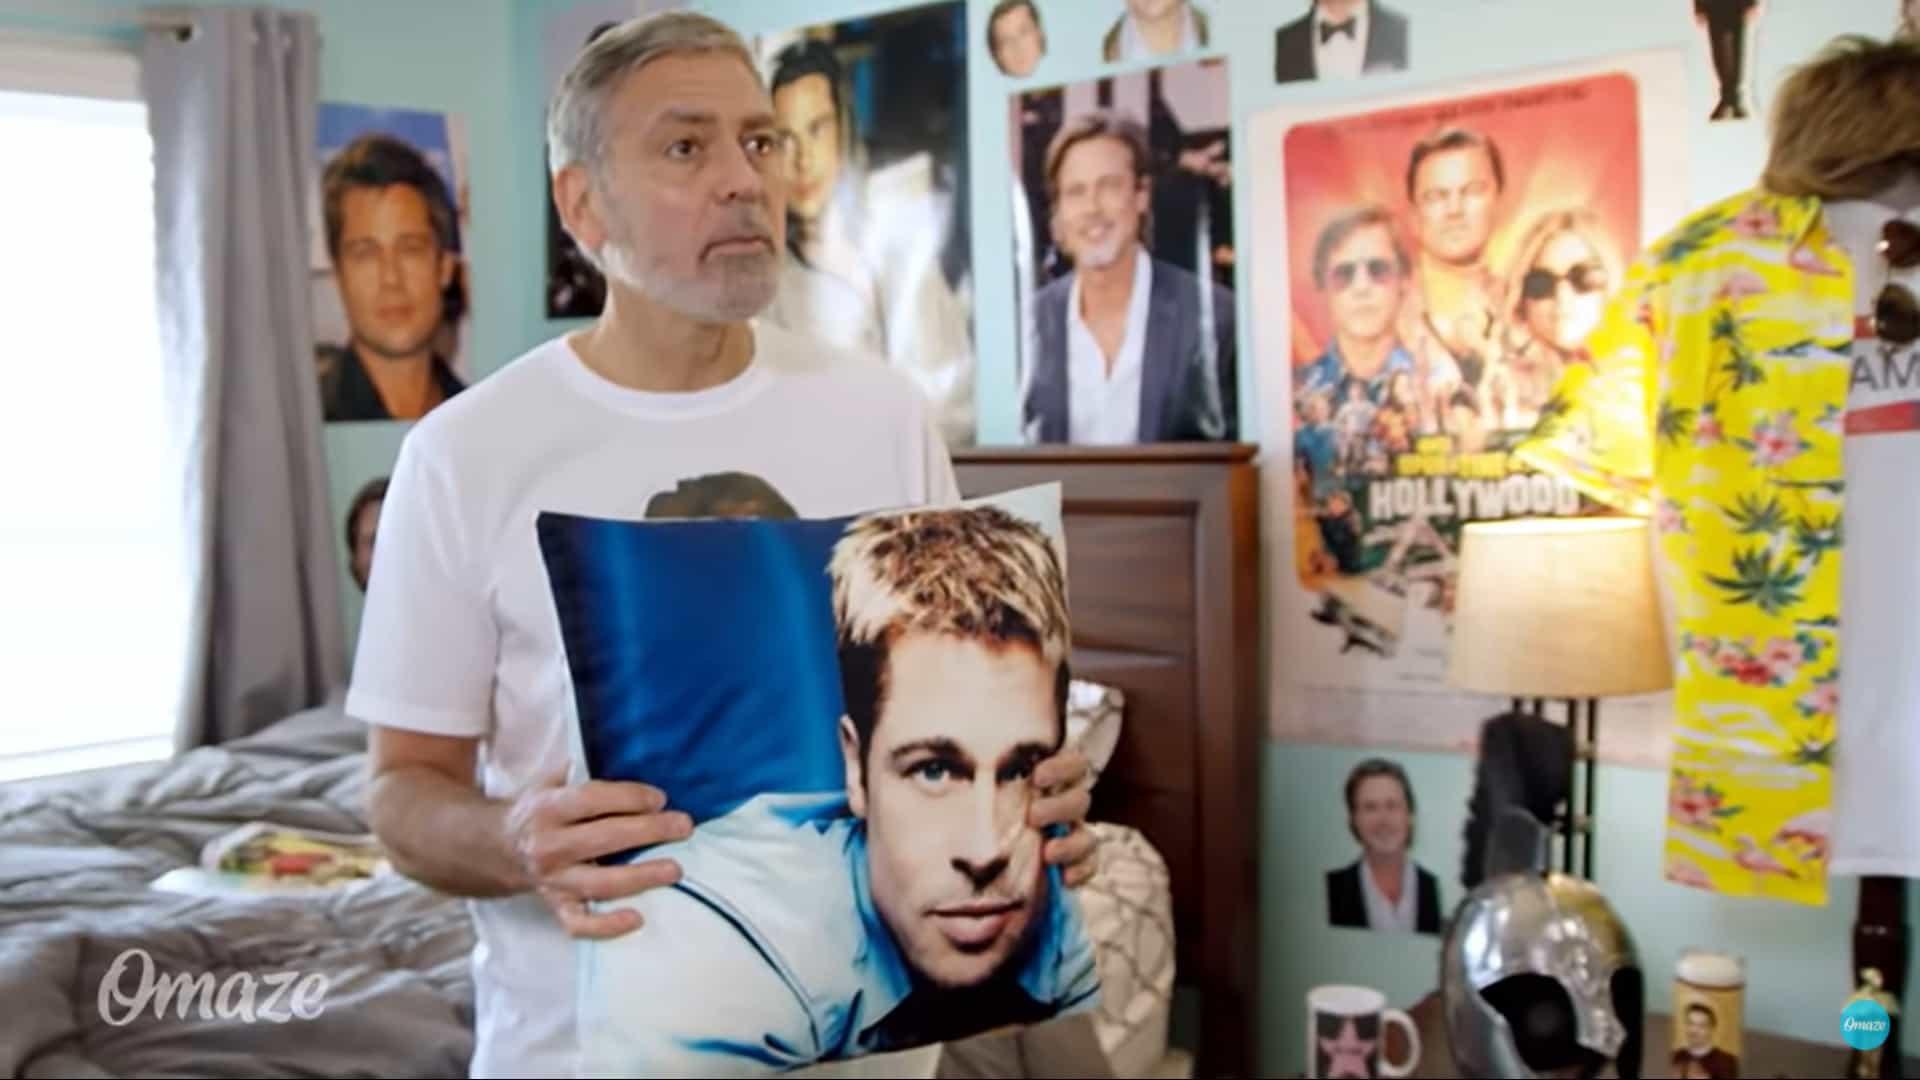 George Clooney revela obsessão por Brad Pitt em vídeo cheio de humor